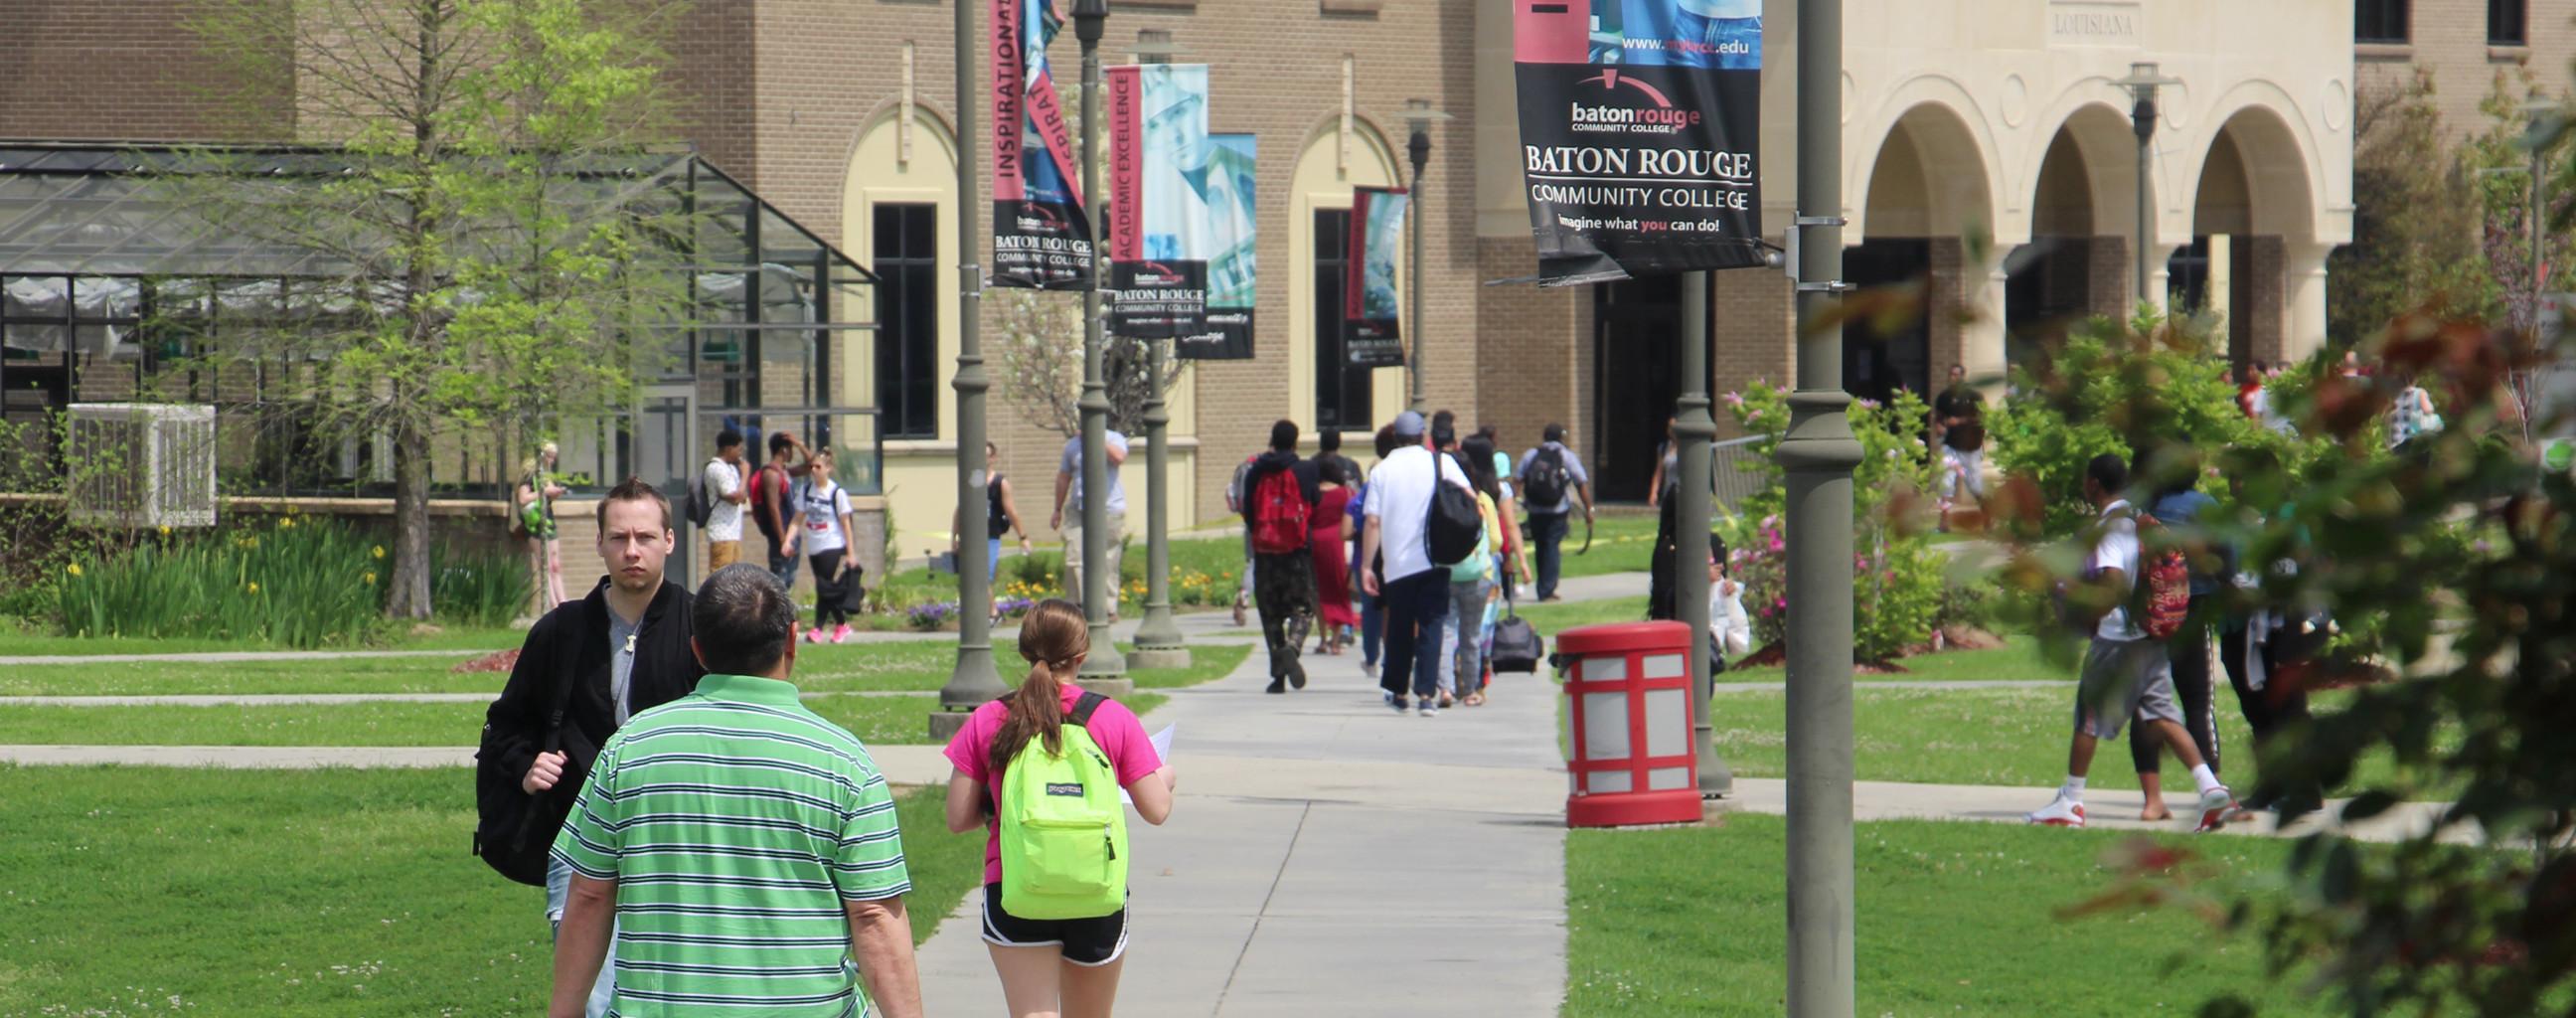 BRCC Campus